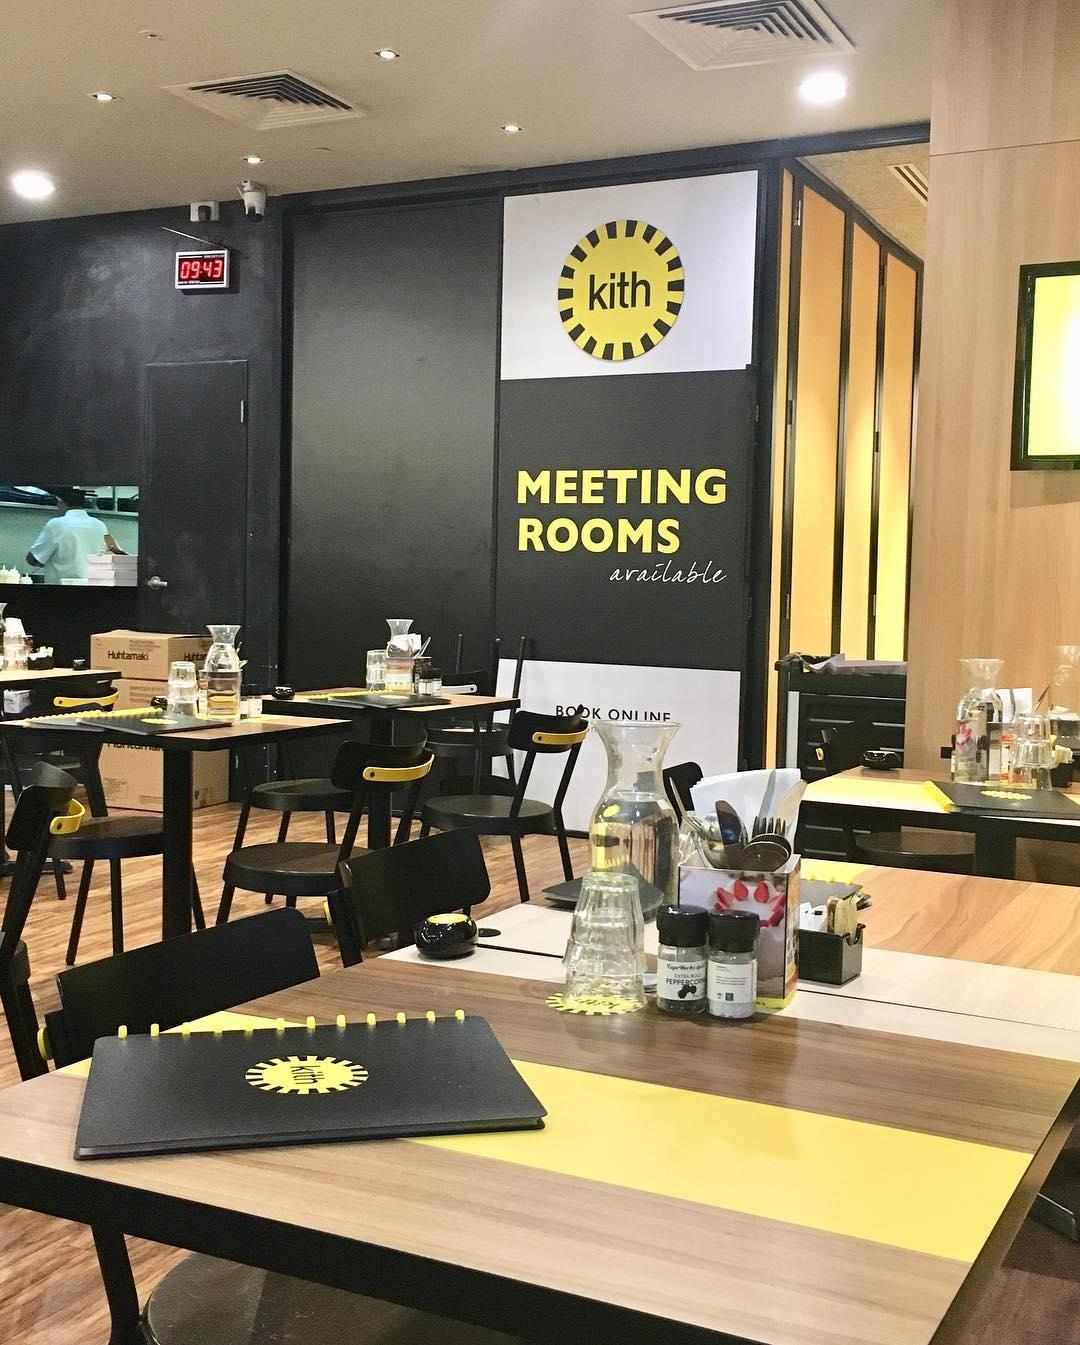 kith cafe cafes studying working singapore